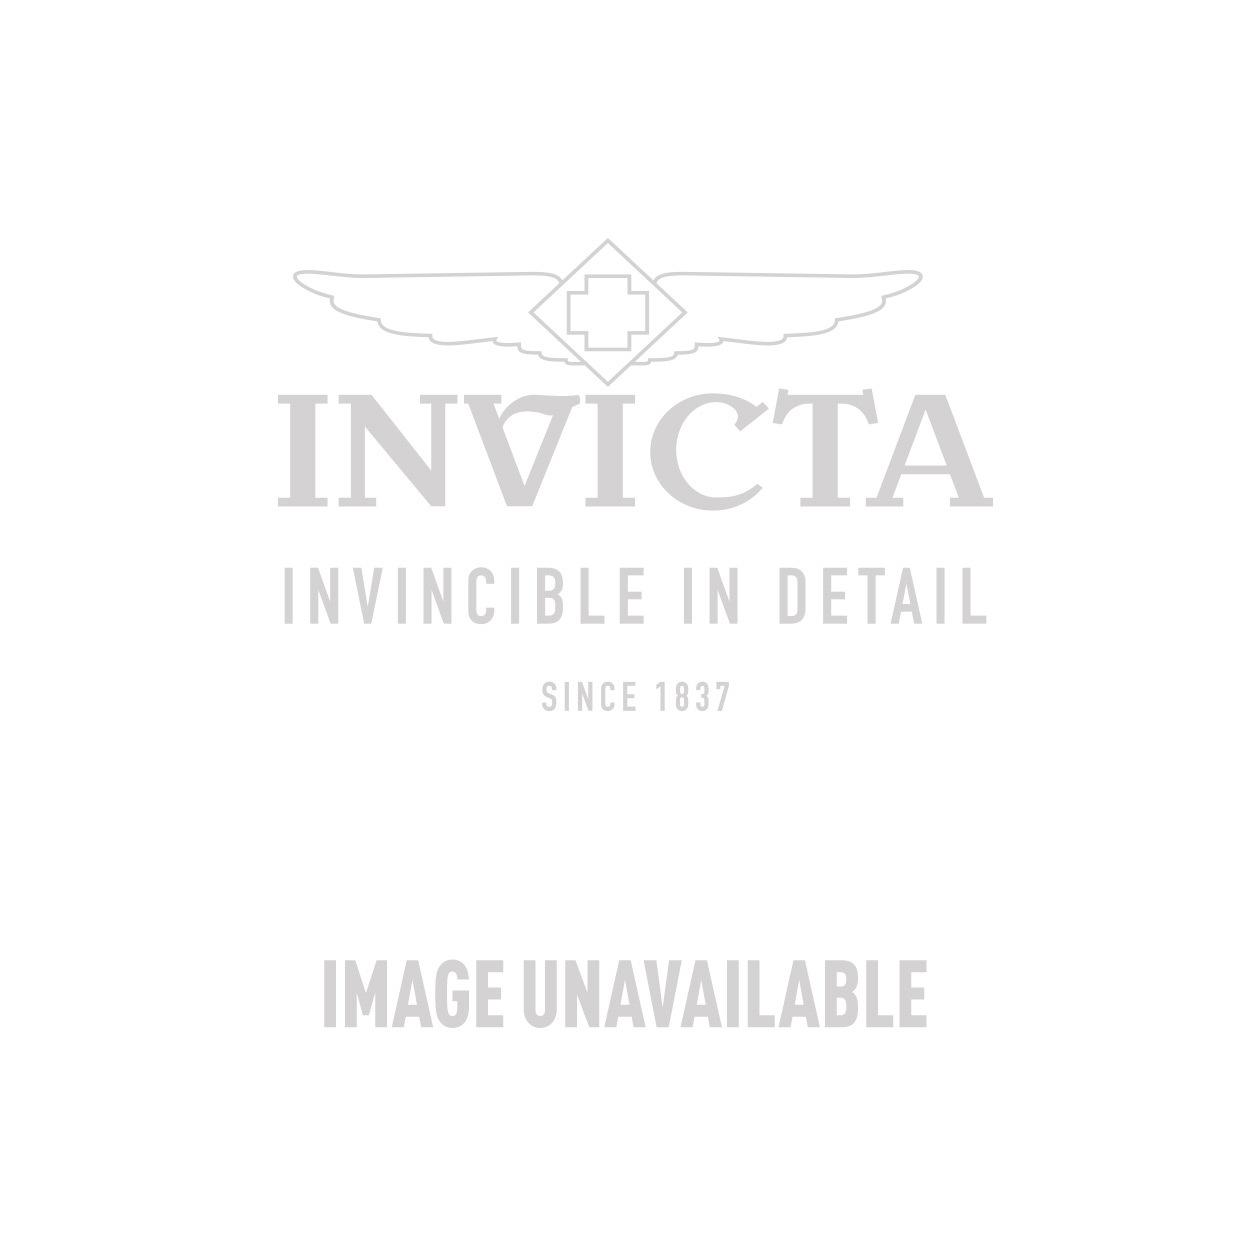 Invicta Model 27510